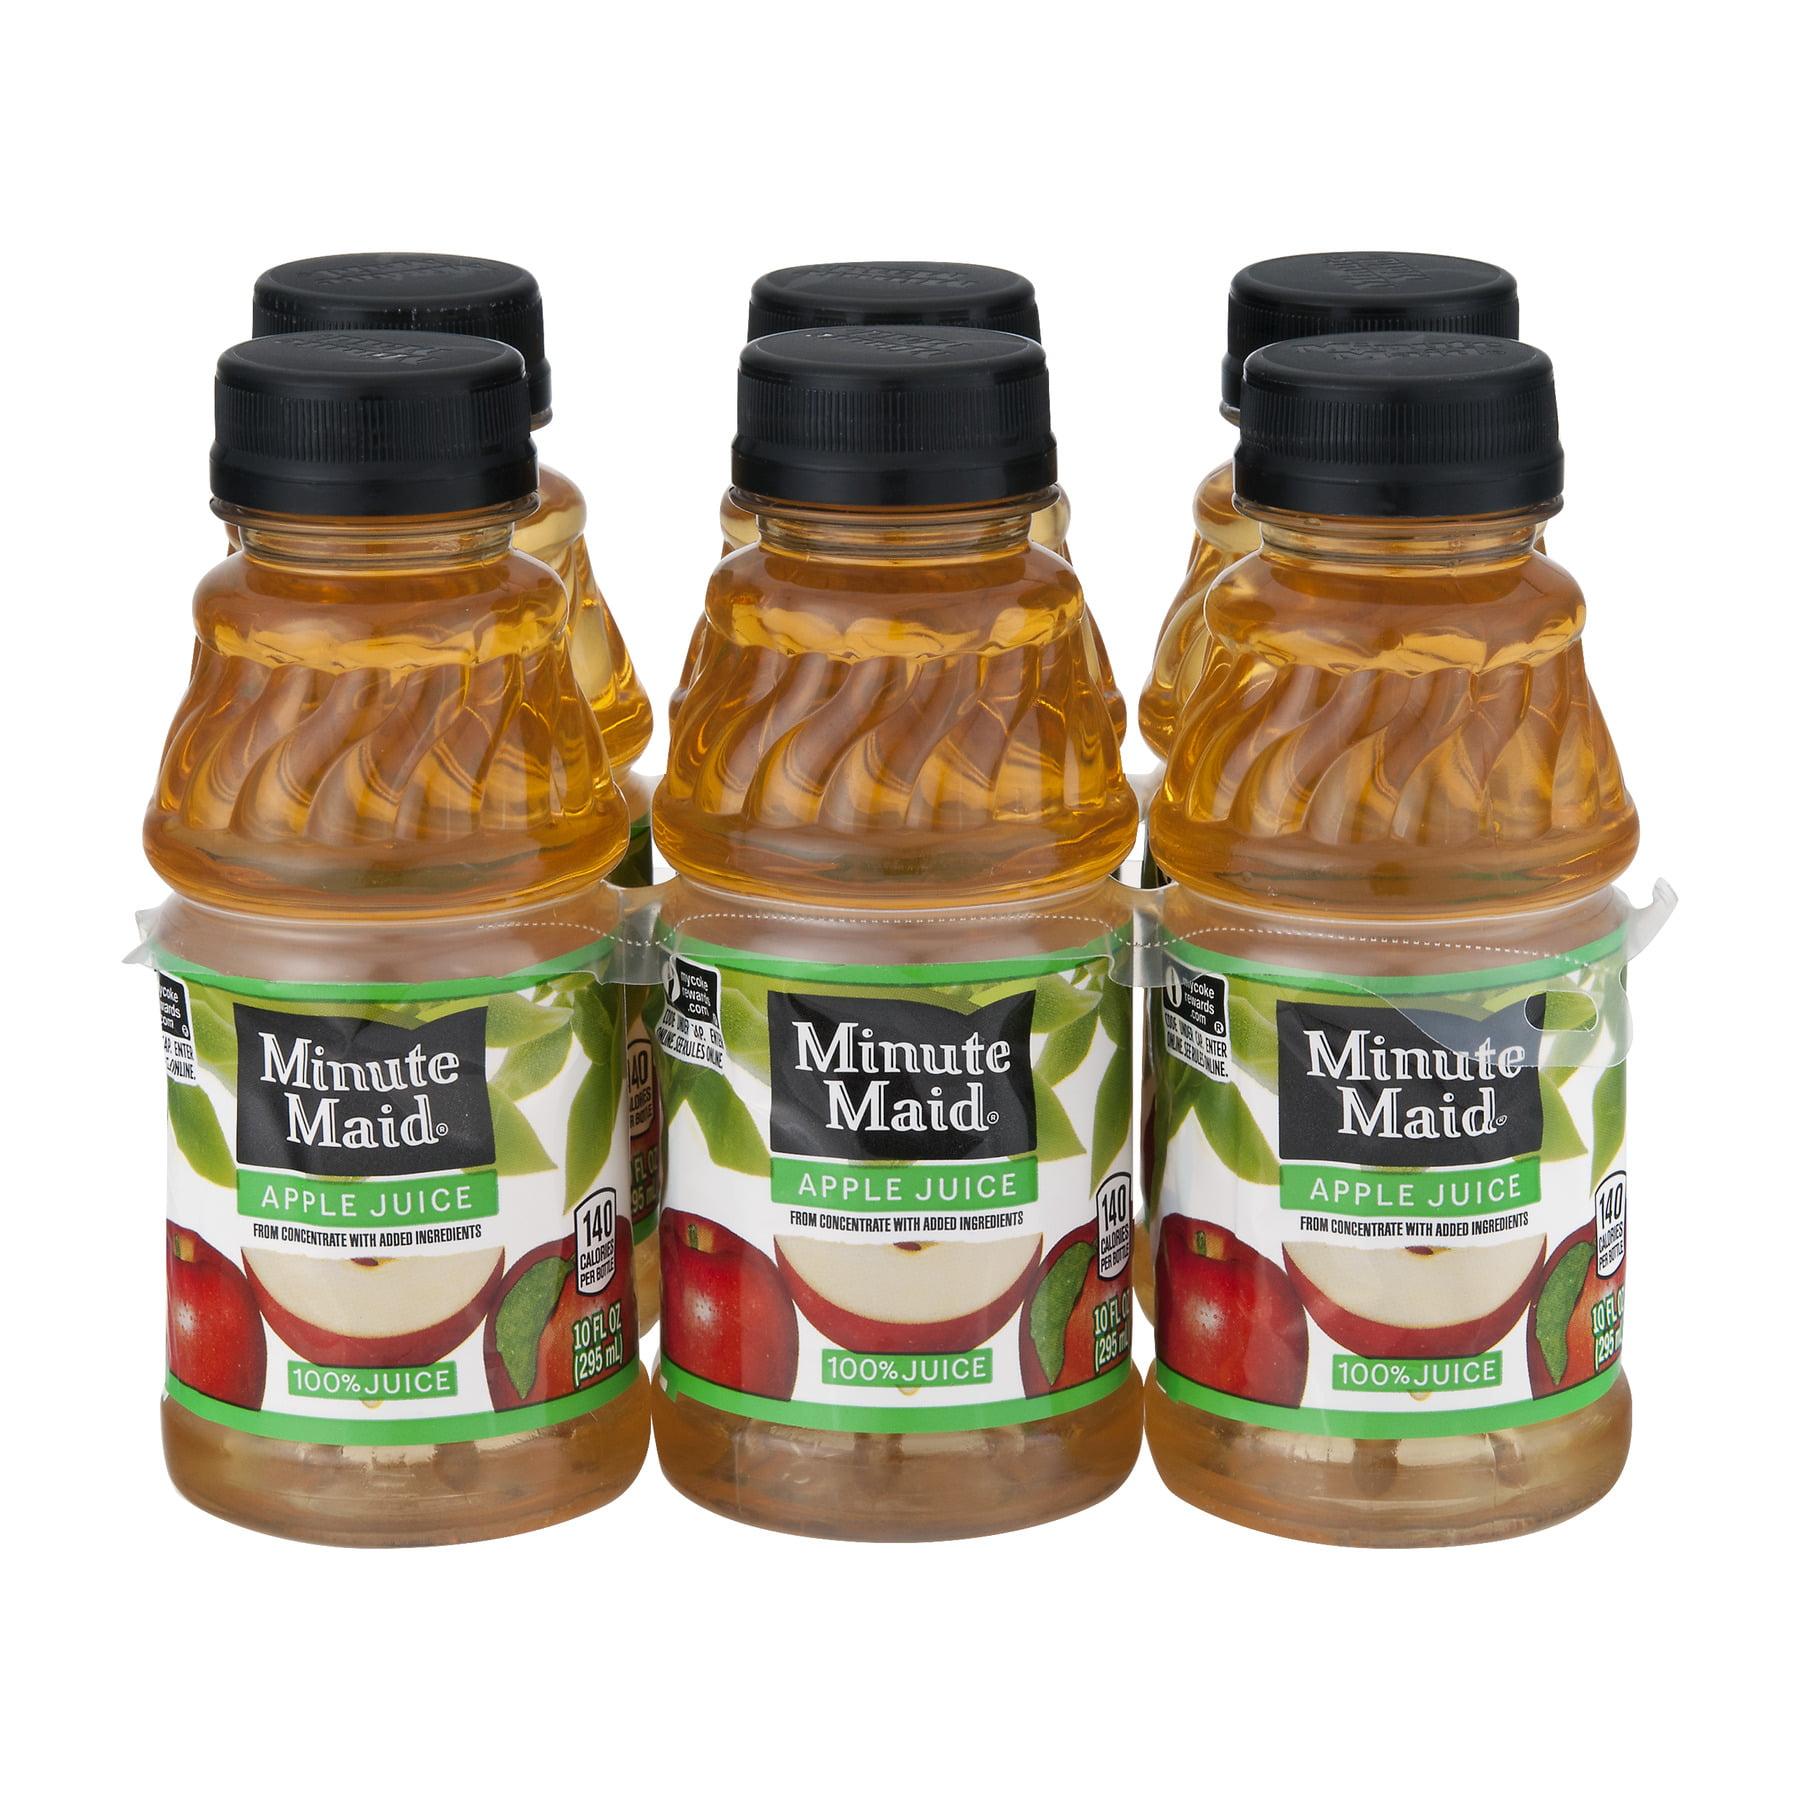 Minute Maid 100% Juice, Apple, 10 Fl Oz, 6 Count